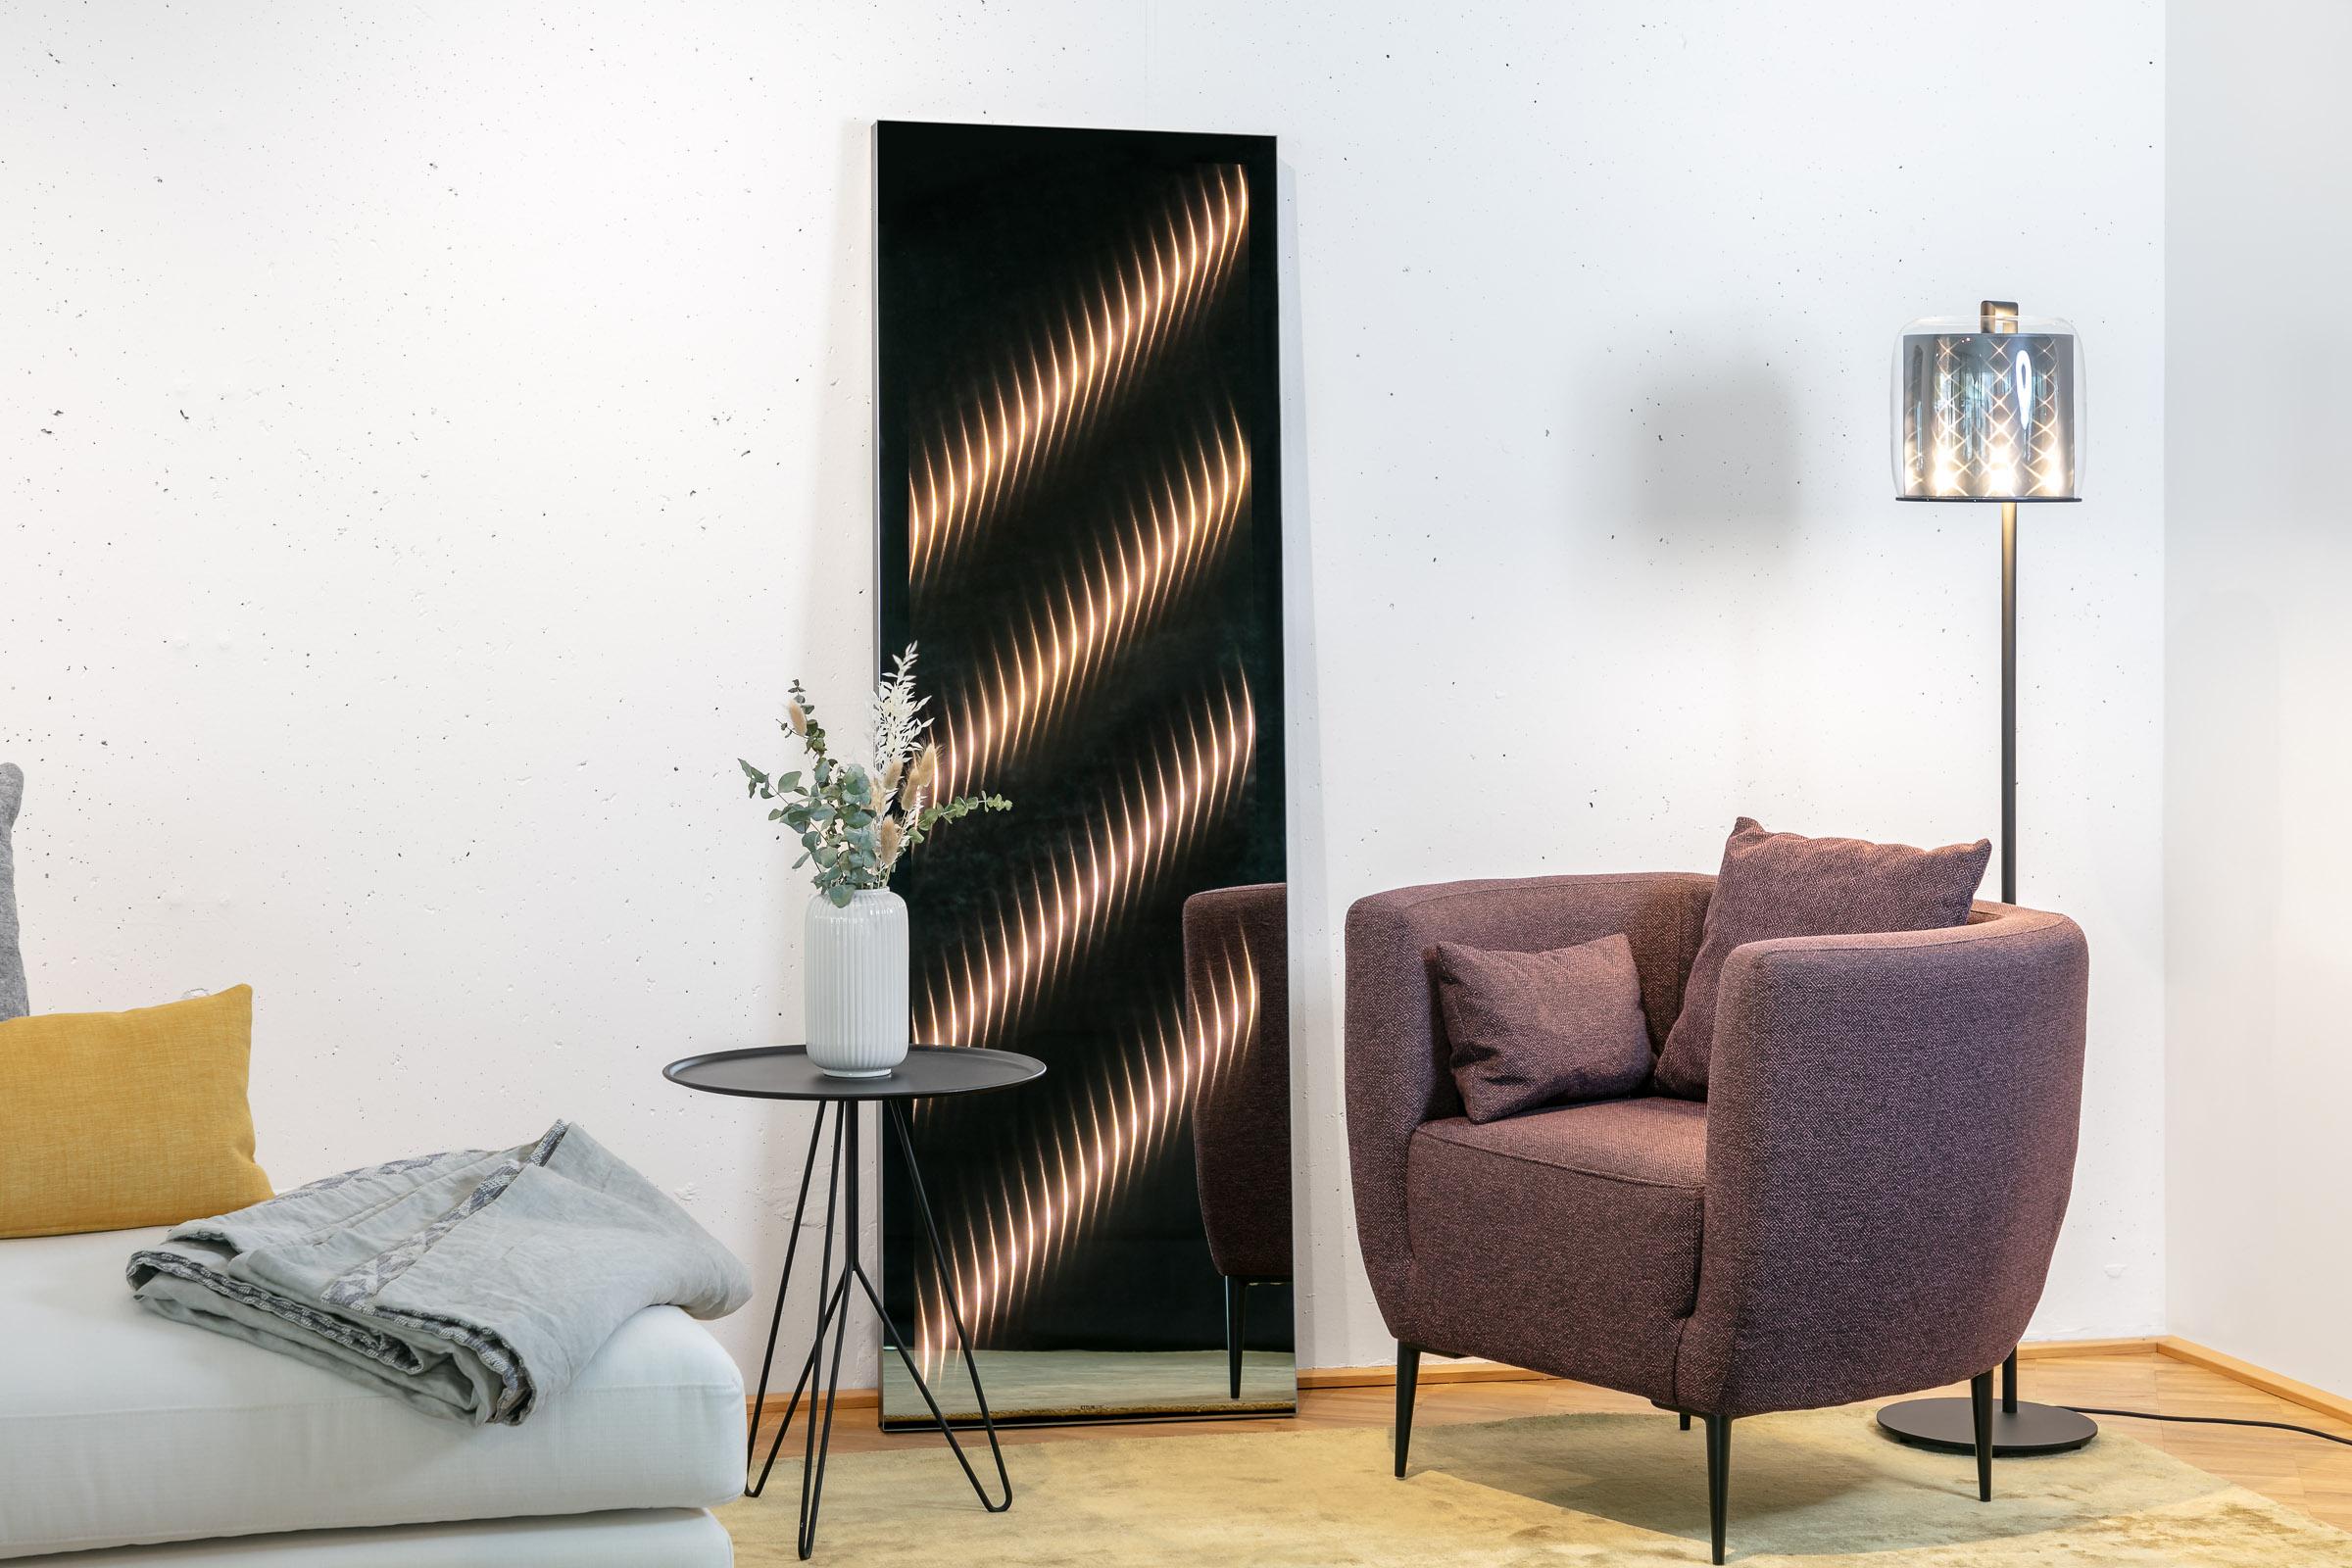 Der Ambiloom® Ganzkörperspiegel angelehnt an weißer Betonwand